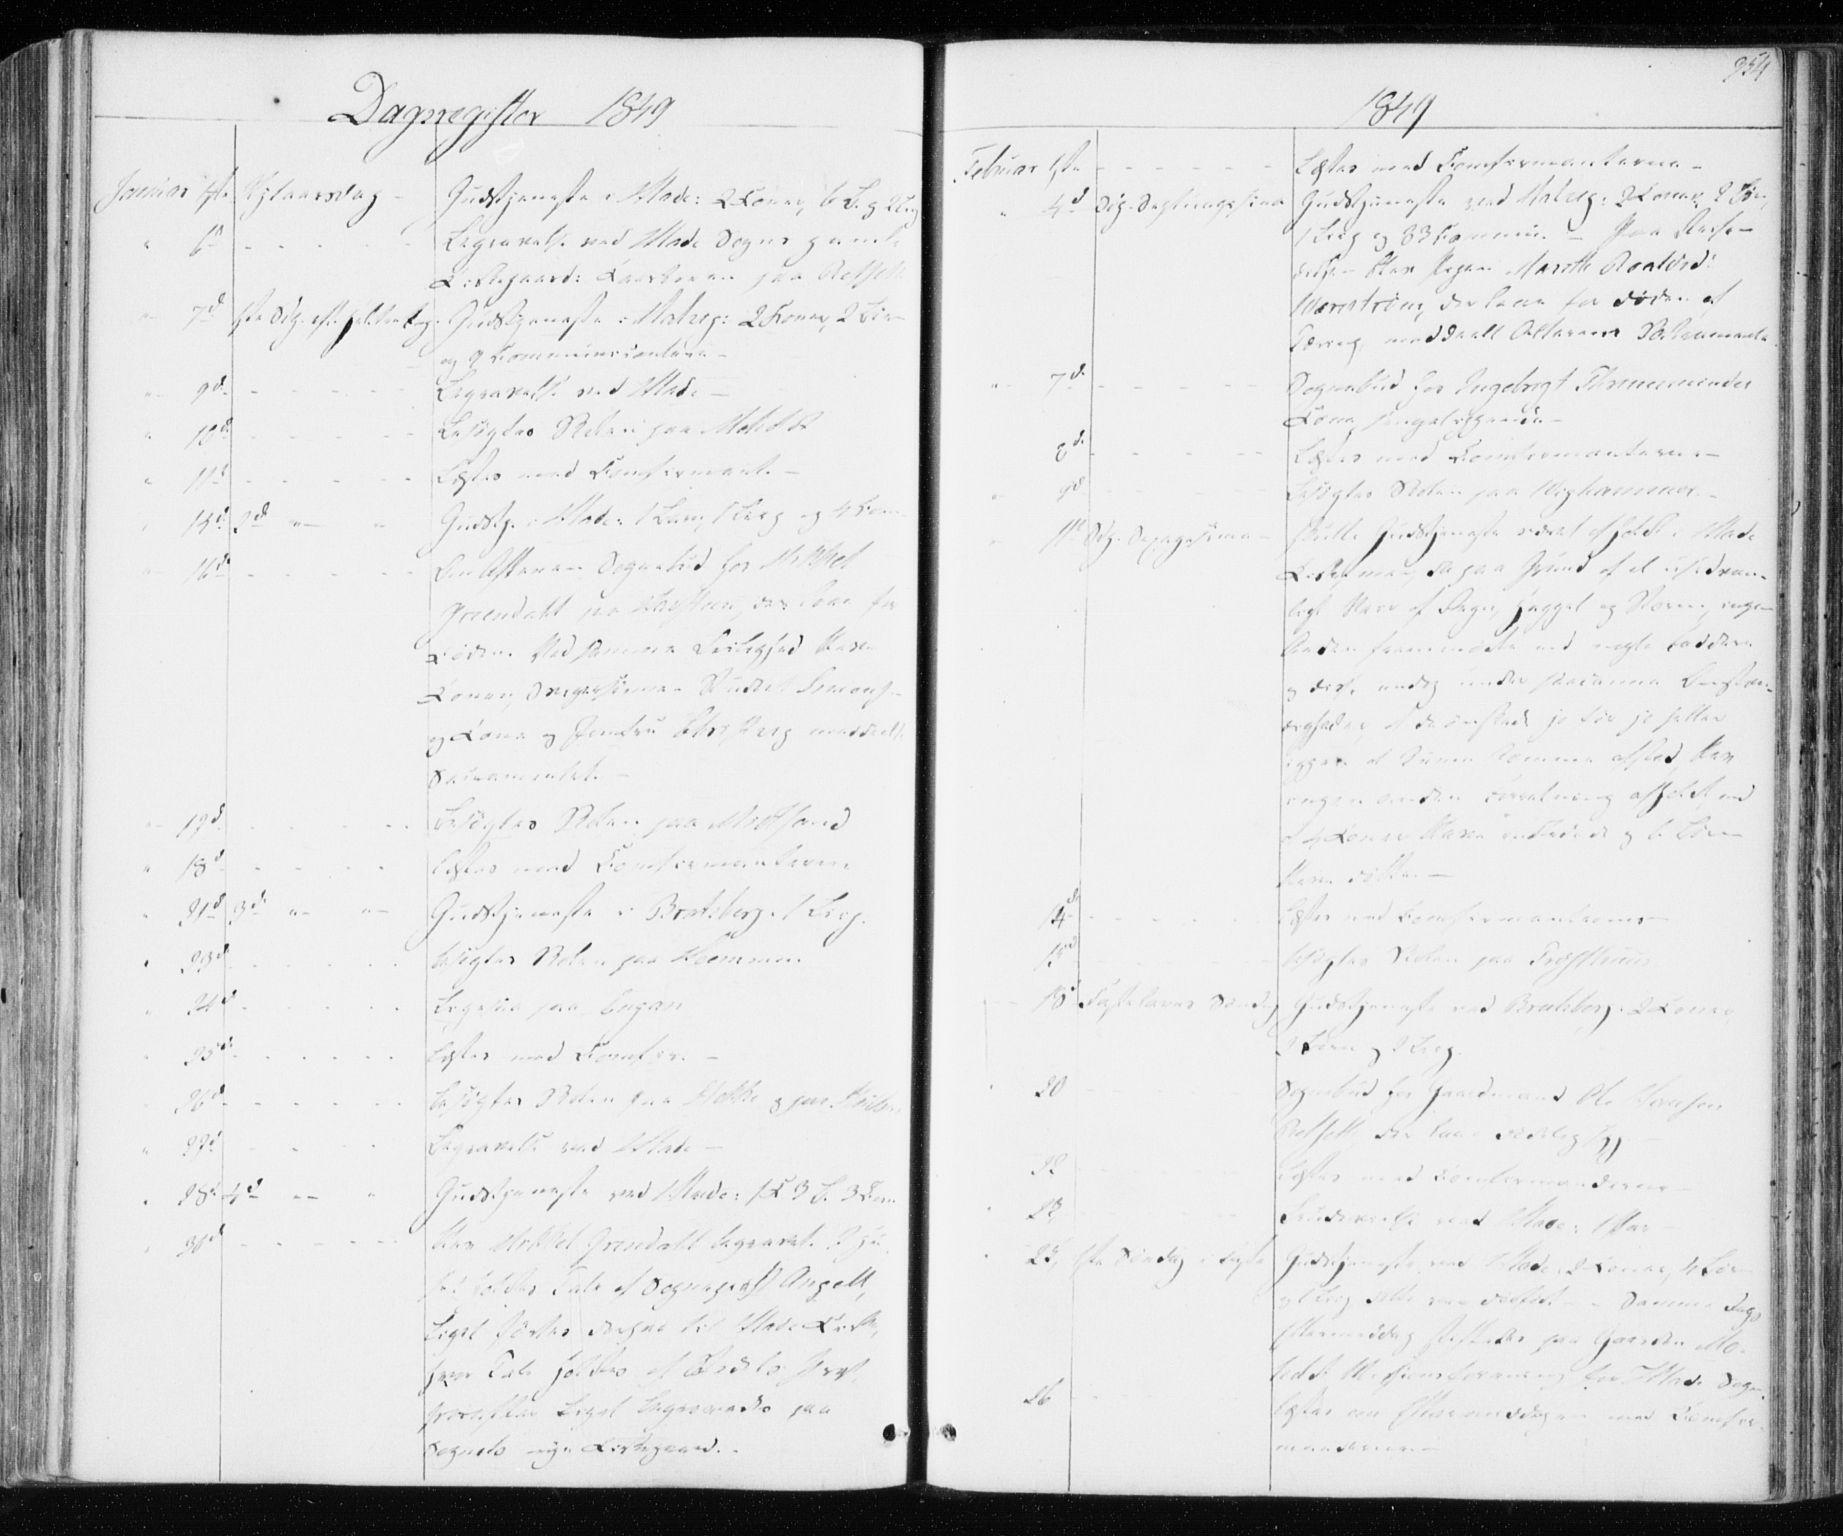 SAT, Ministerialprotokoller, klokkerbøker og fødselsregistre - Sør-Trøndelag, 606/L0291: Ministerialbok nr. 606A06, 1848-1856, s. 354